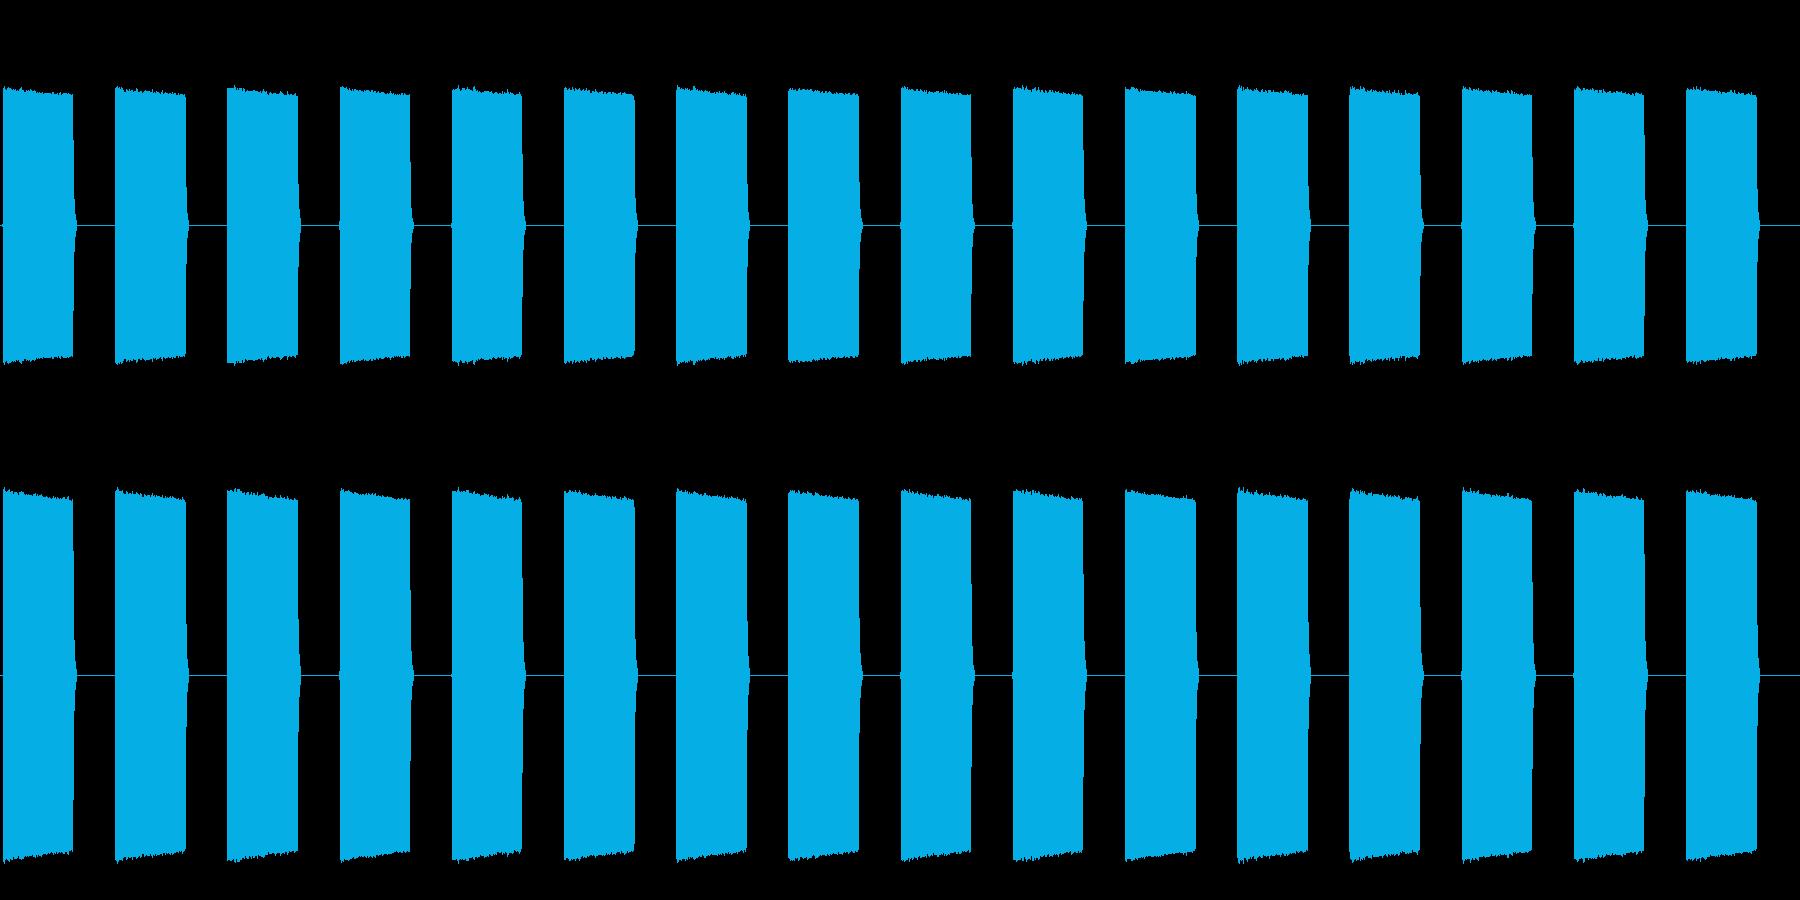 プーップーッ(大型車のバックのアラート)の再生済みの波形